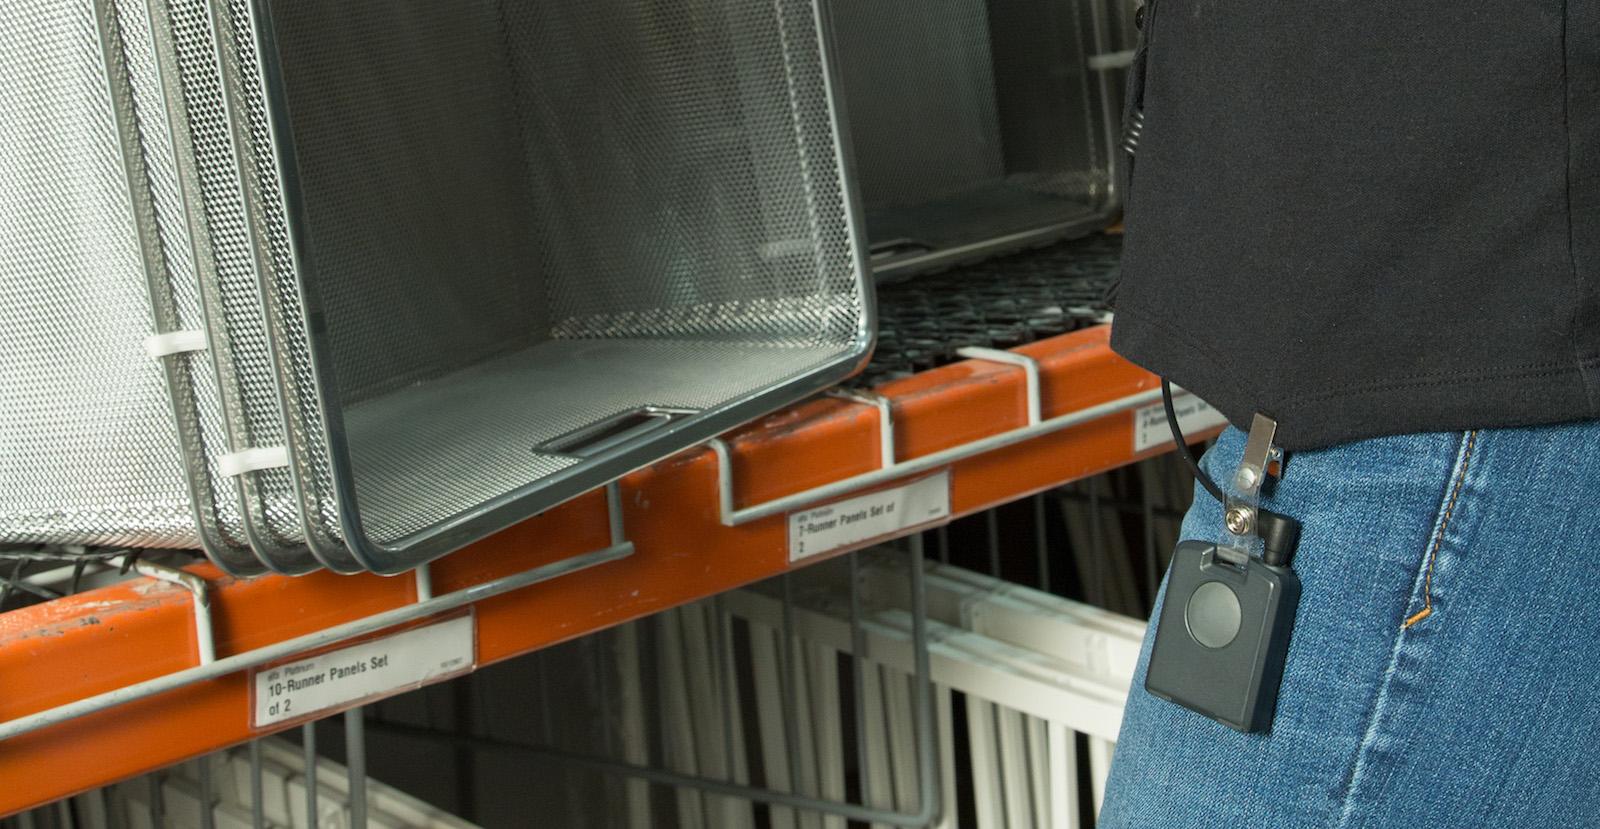 Wearable zařízení pomáhá zaměstnancům Container Store poskytovat lepší služby zákazníkům